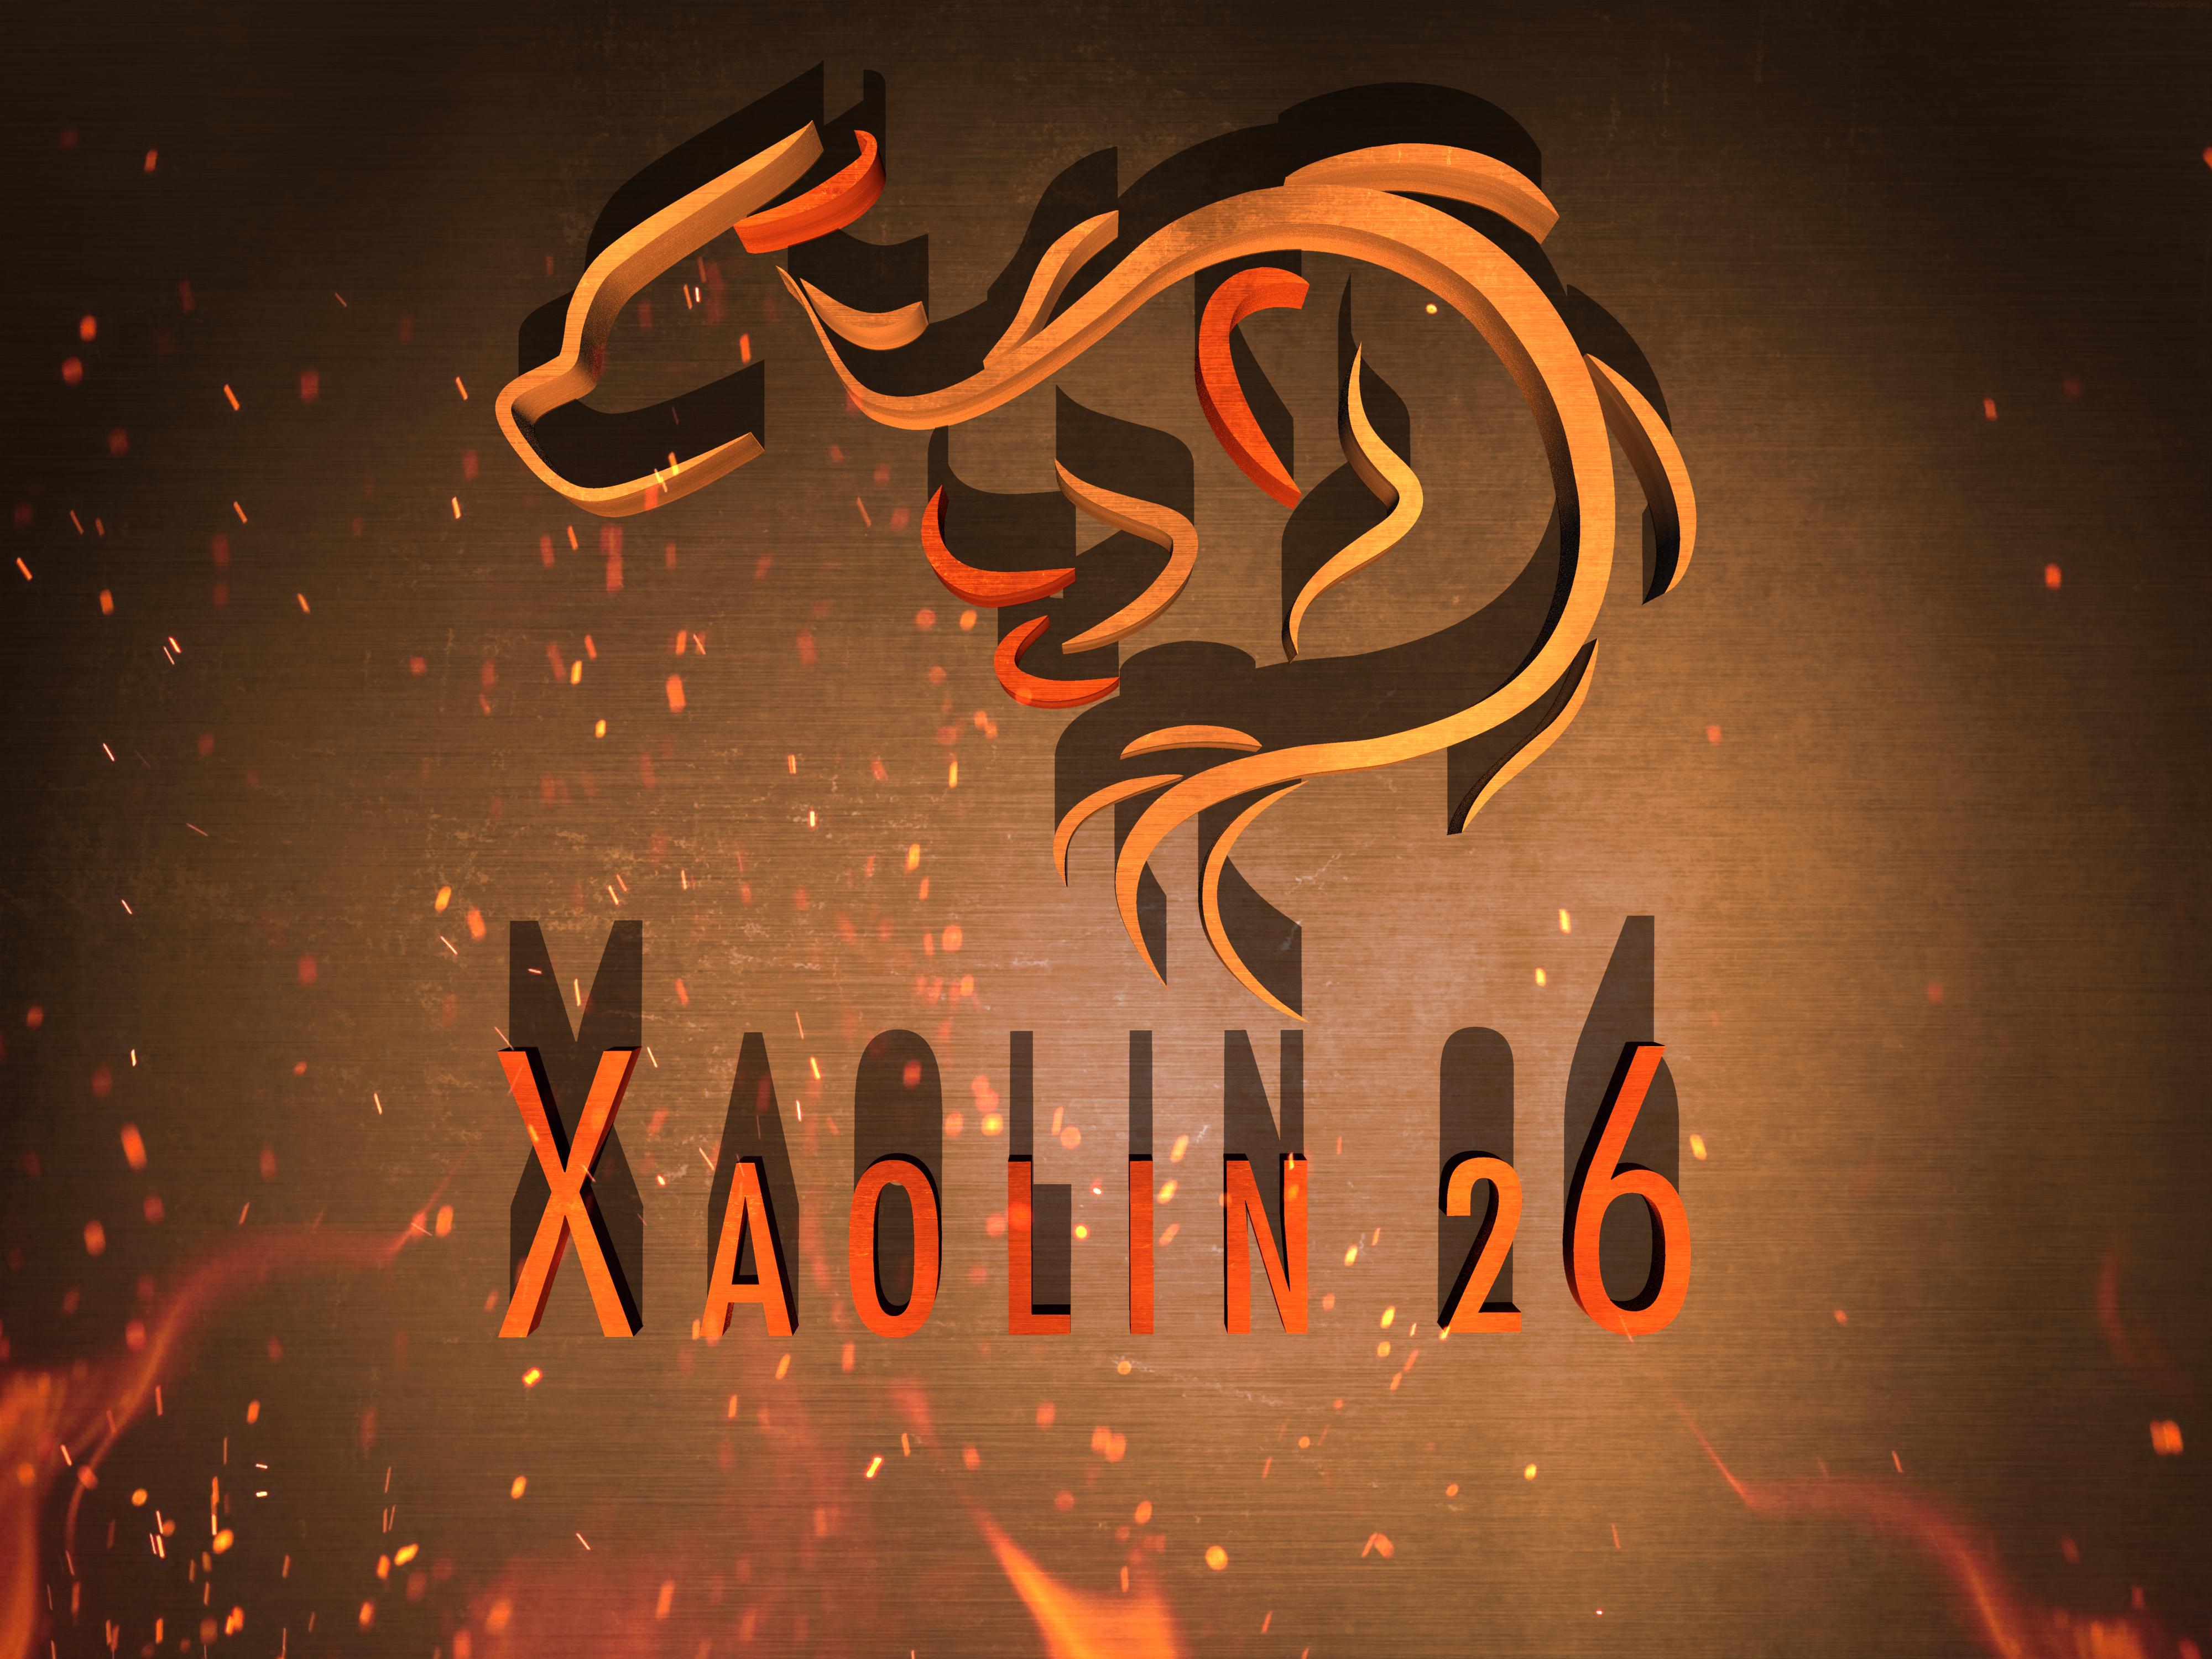 Xaolin26's Profile Picture